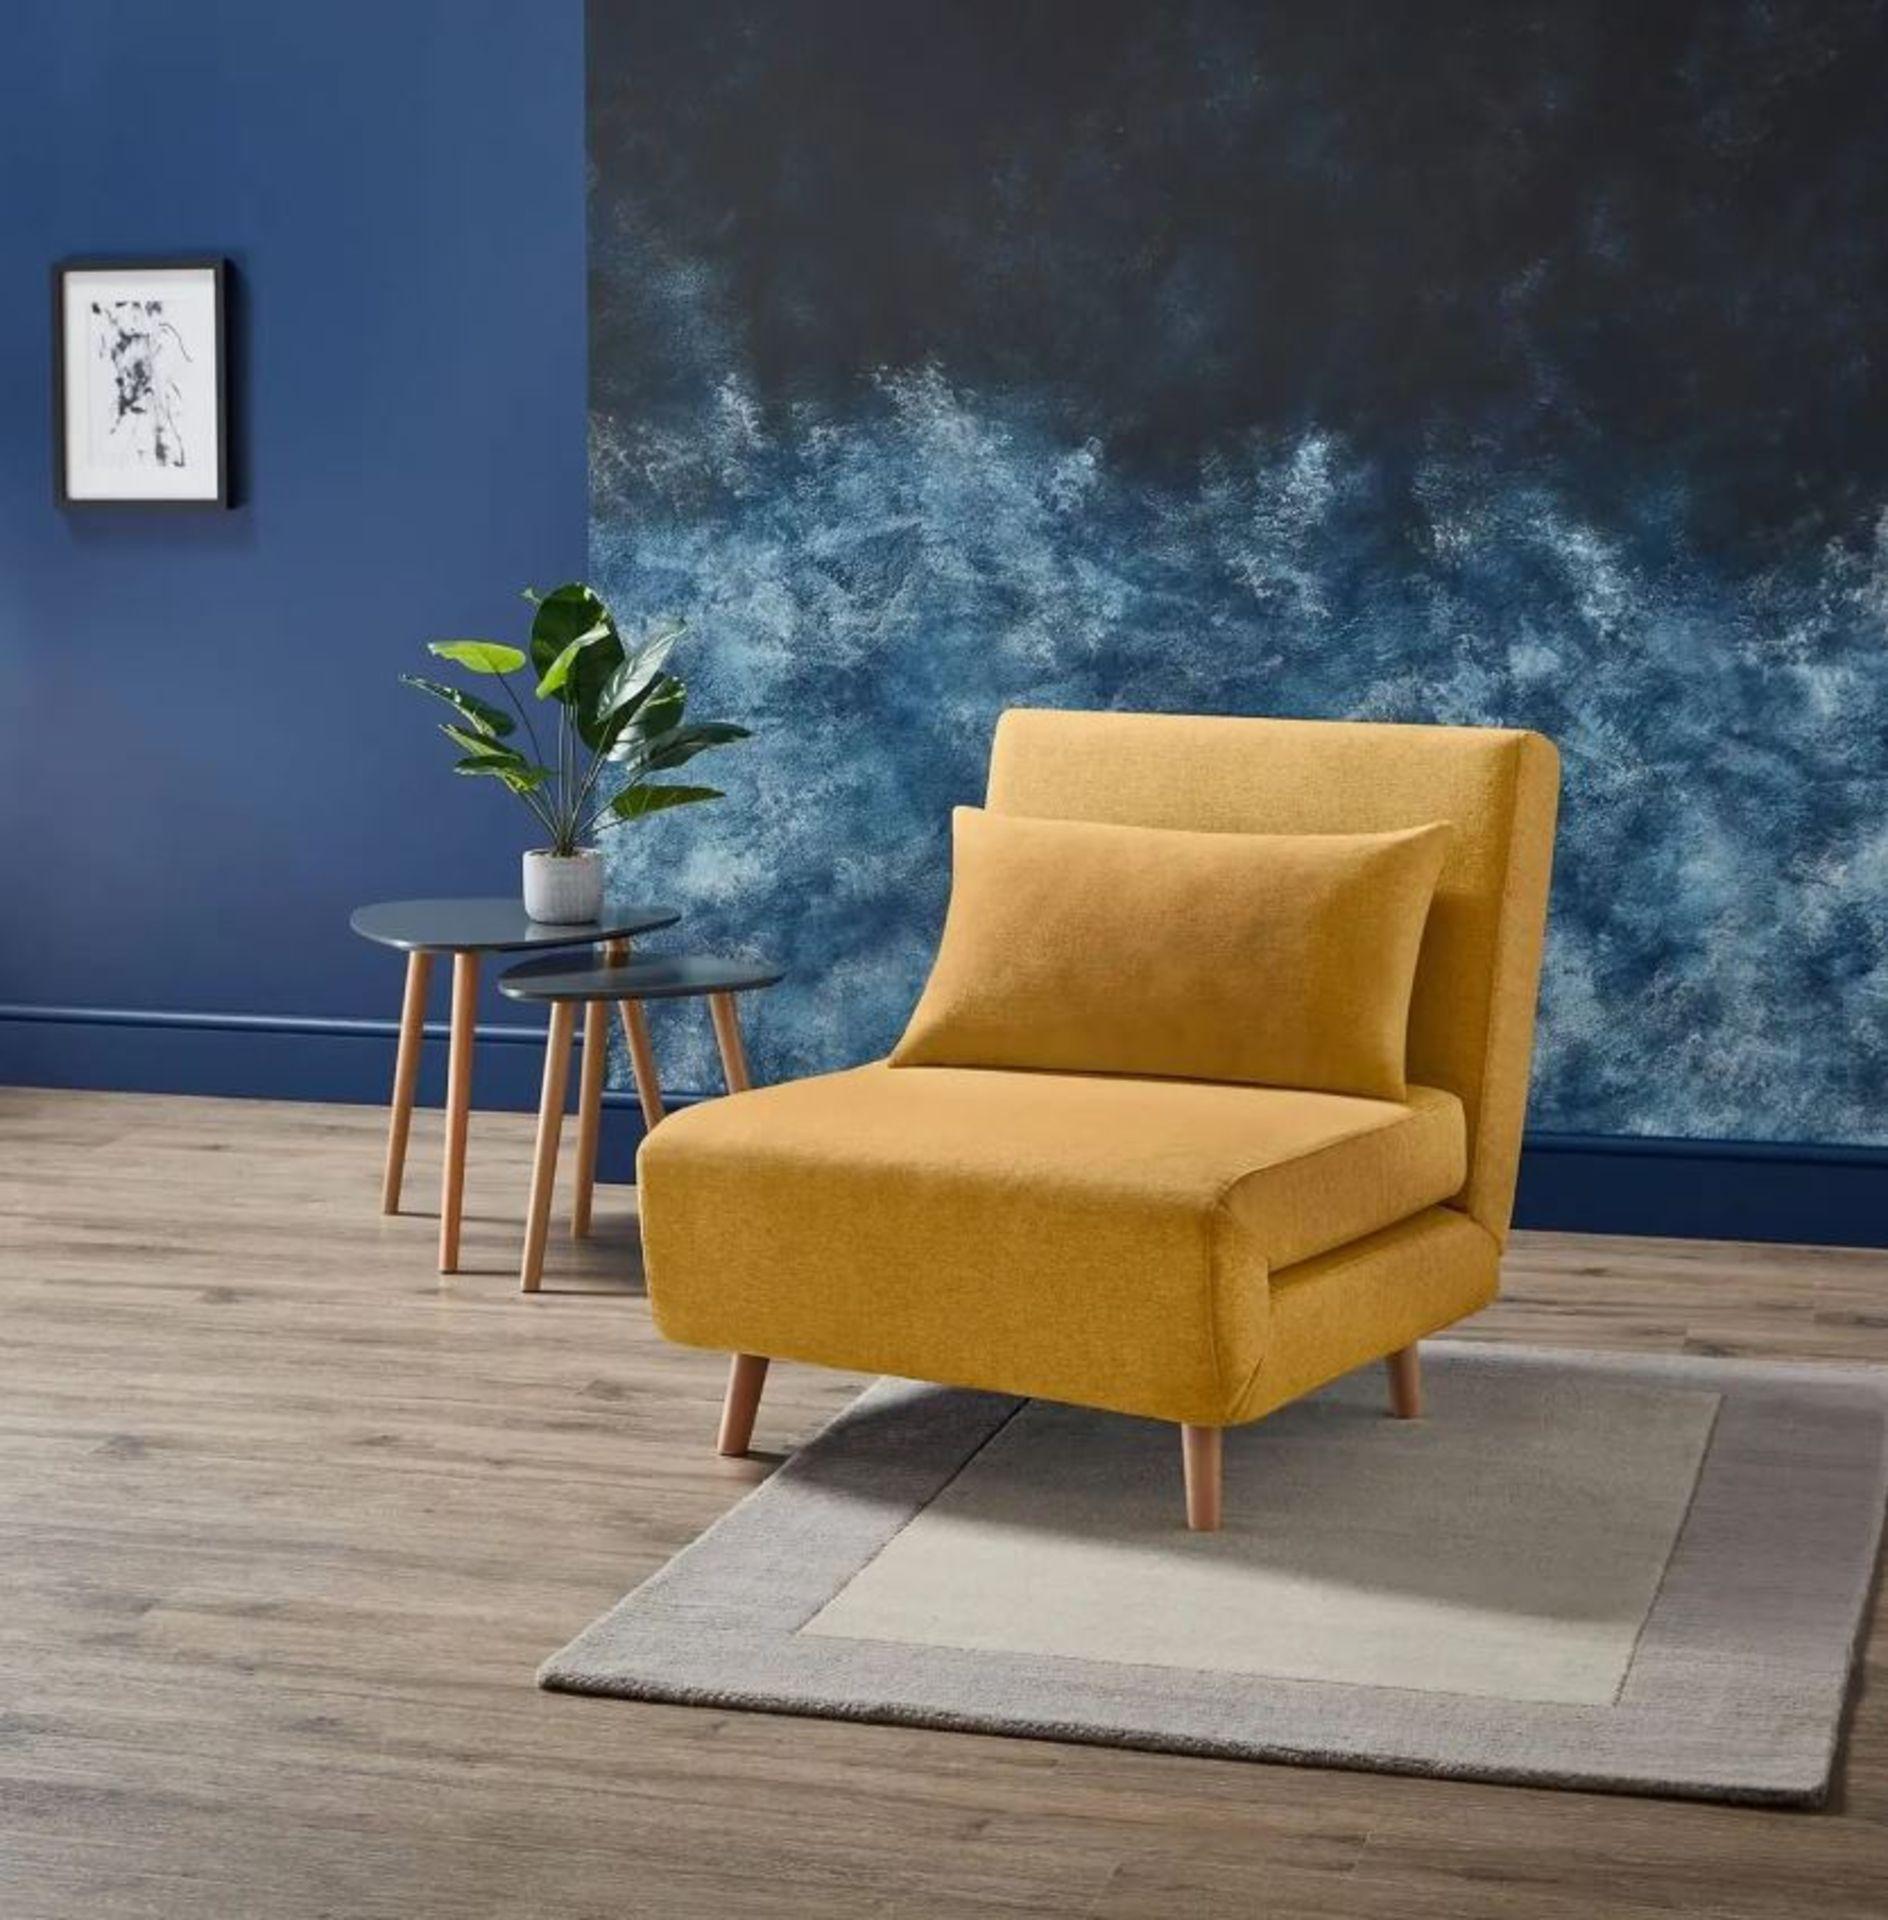 (3D) 1x Freya Folding Chair Bed Ochre. RRP £200.00.